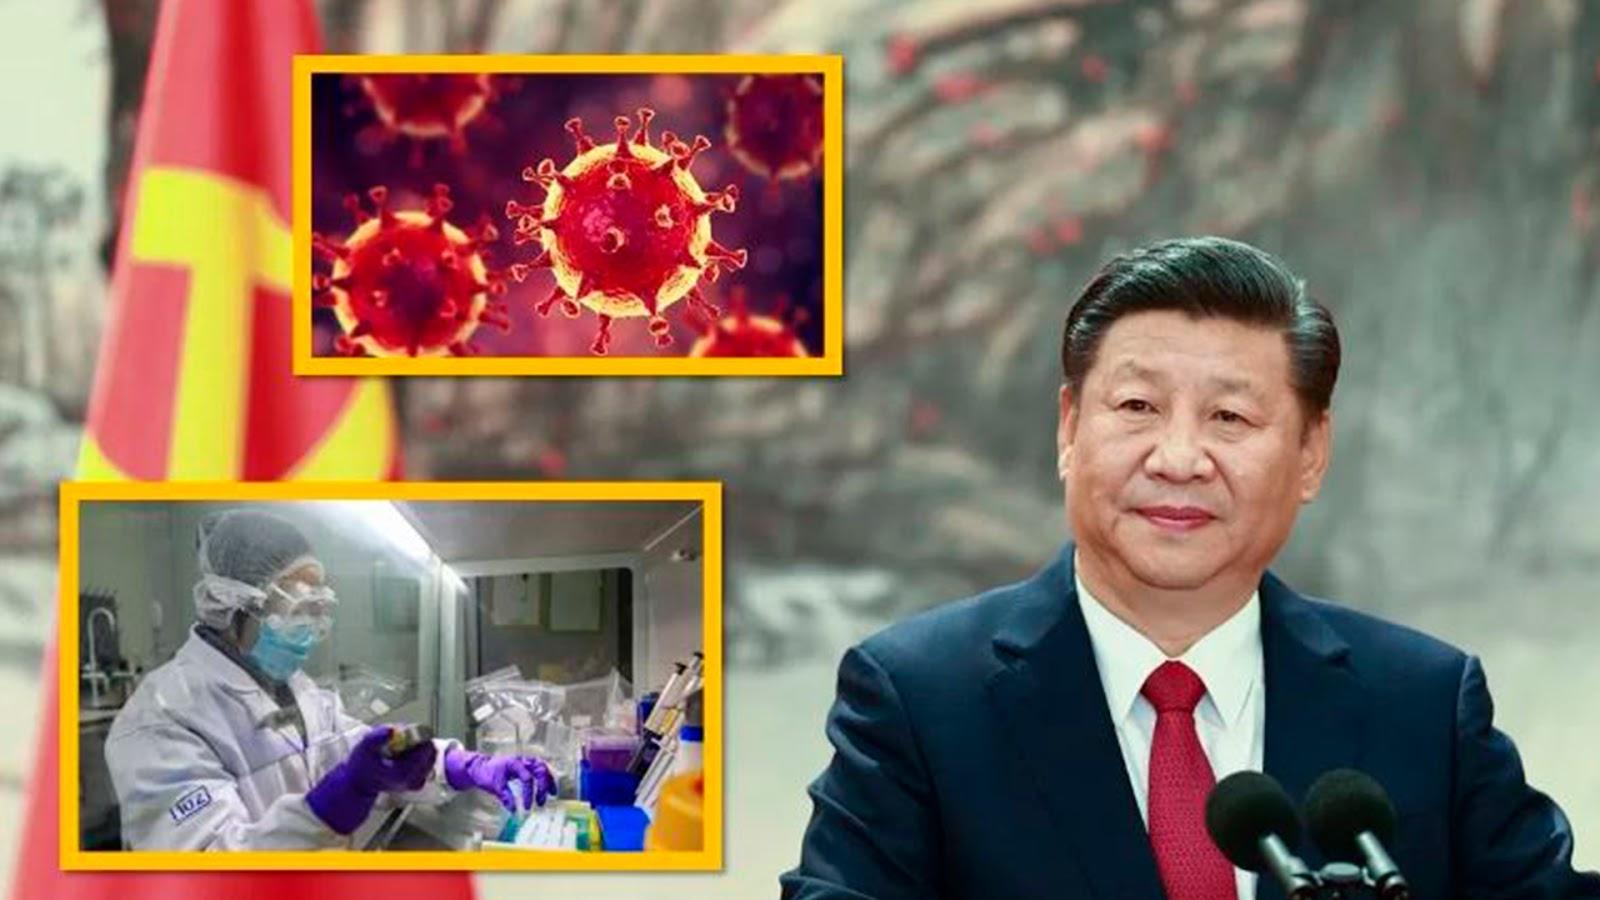 Xi Jinping anuncia que China compartirá vacuna contra el Covid con el mundo entero